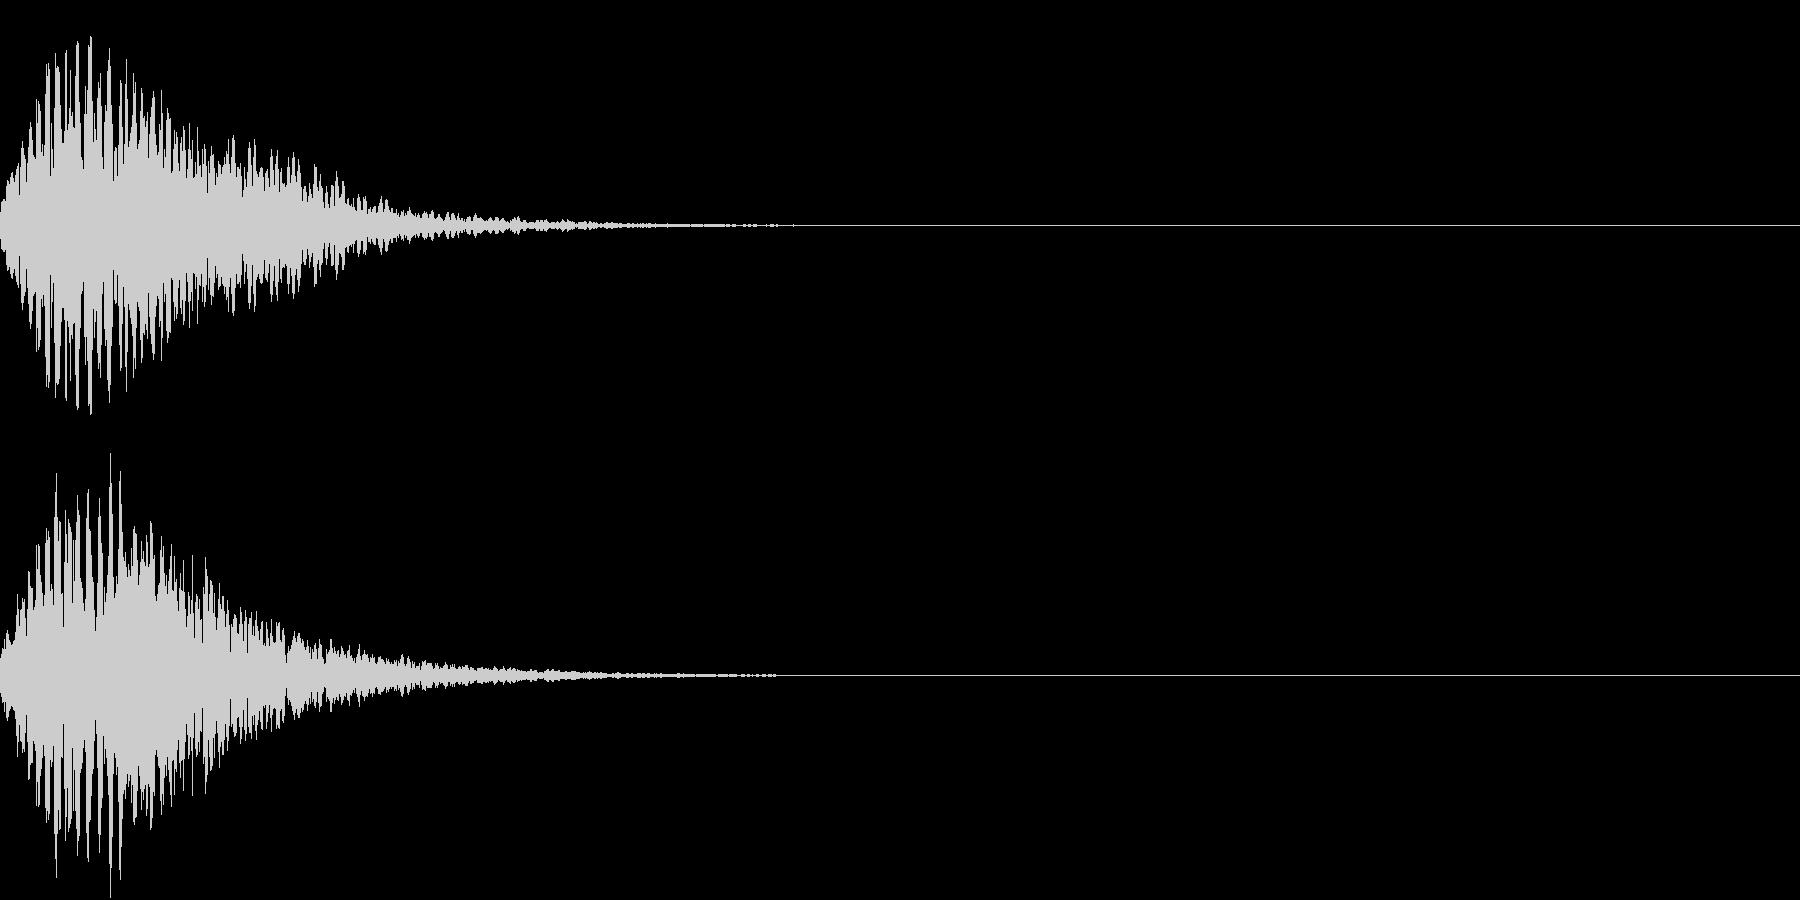 キュイン 光 ピカーン フラッシュ 07の未再生の波形